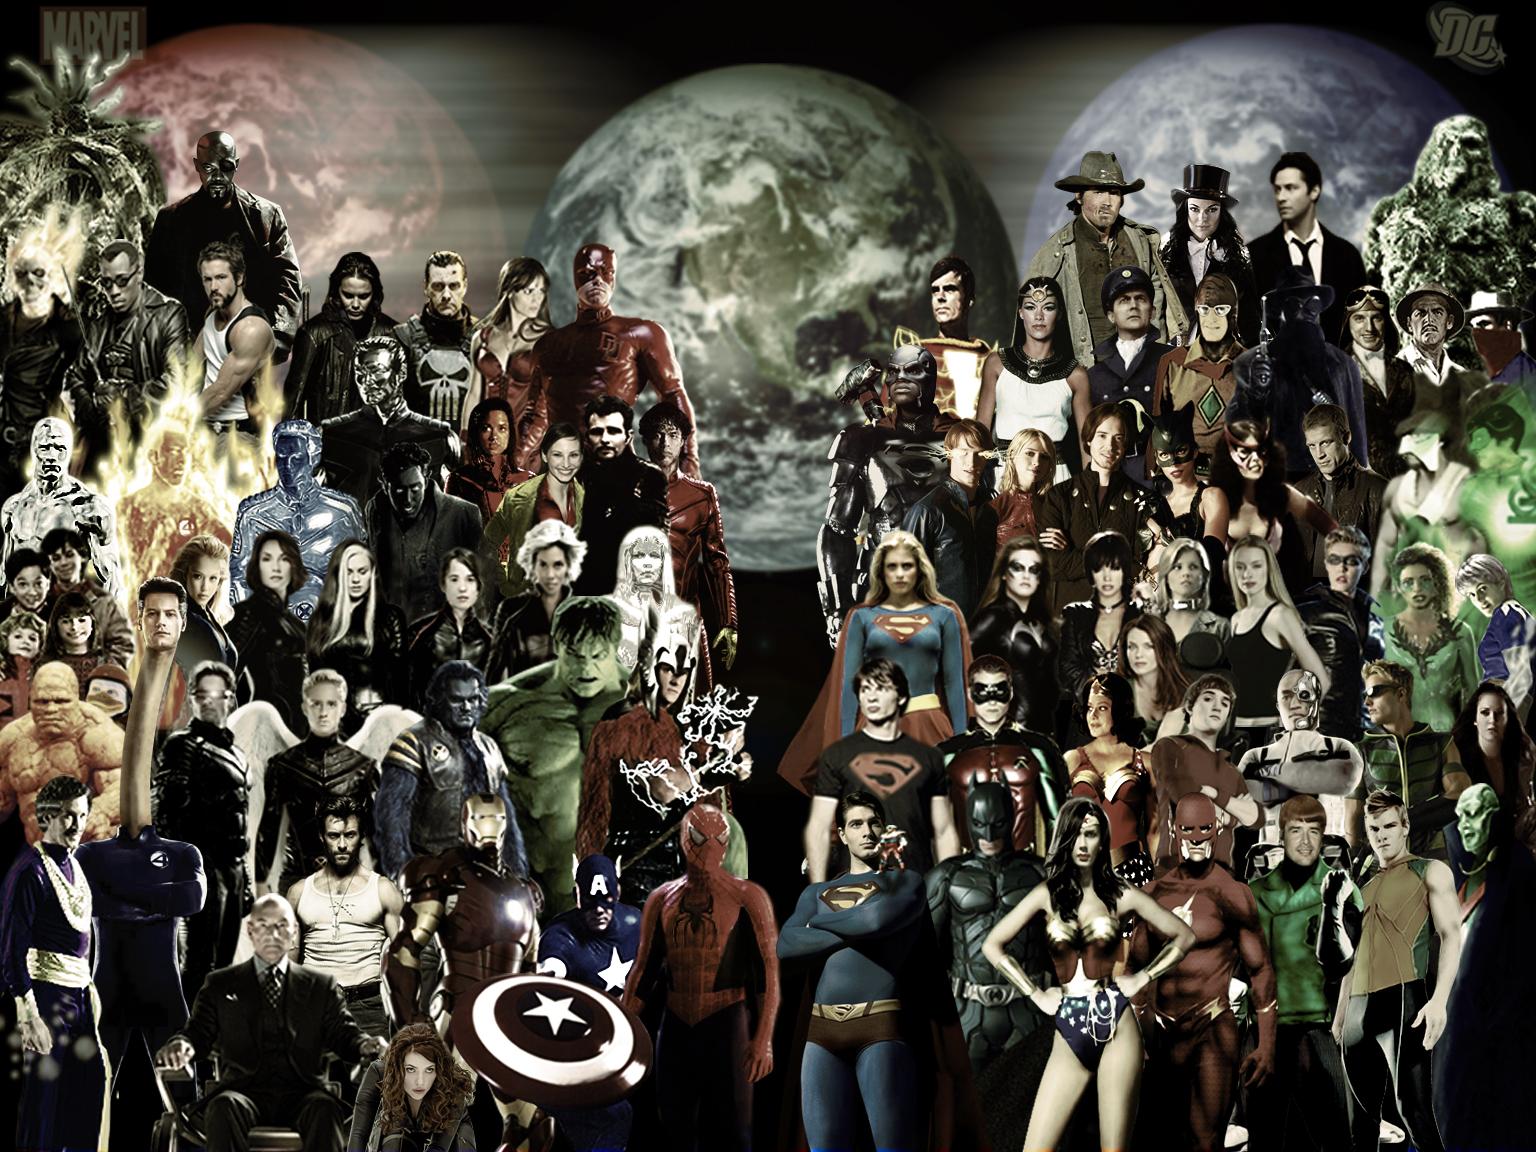 Marvel vs dc wallpaper wallpapersafari - Dc characters wallpaper hd ...